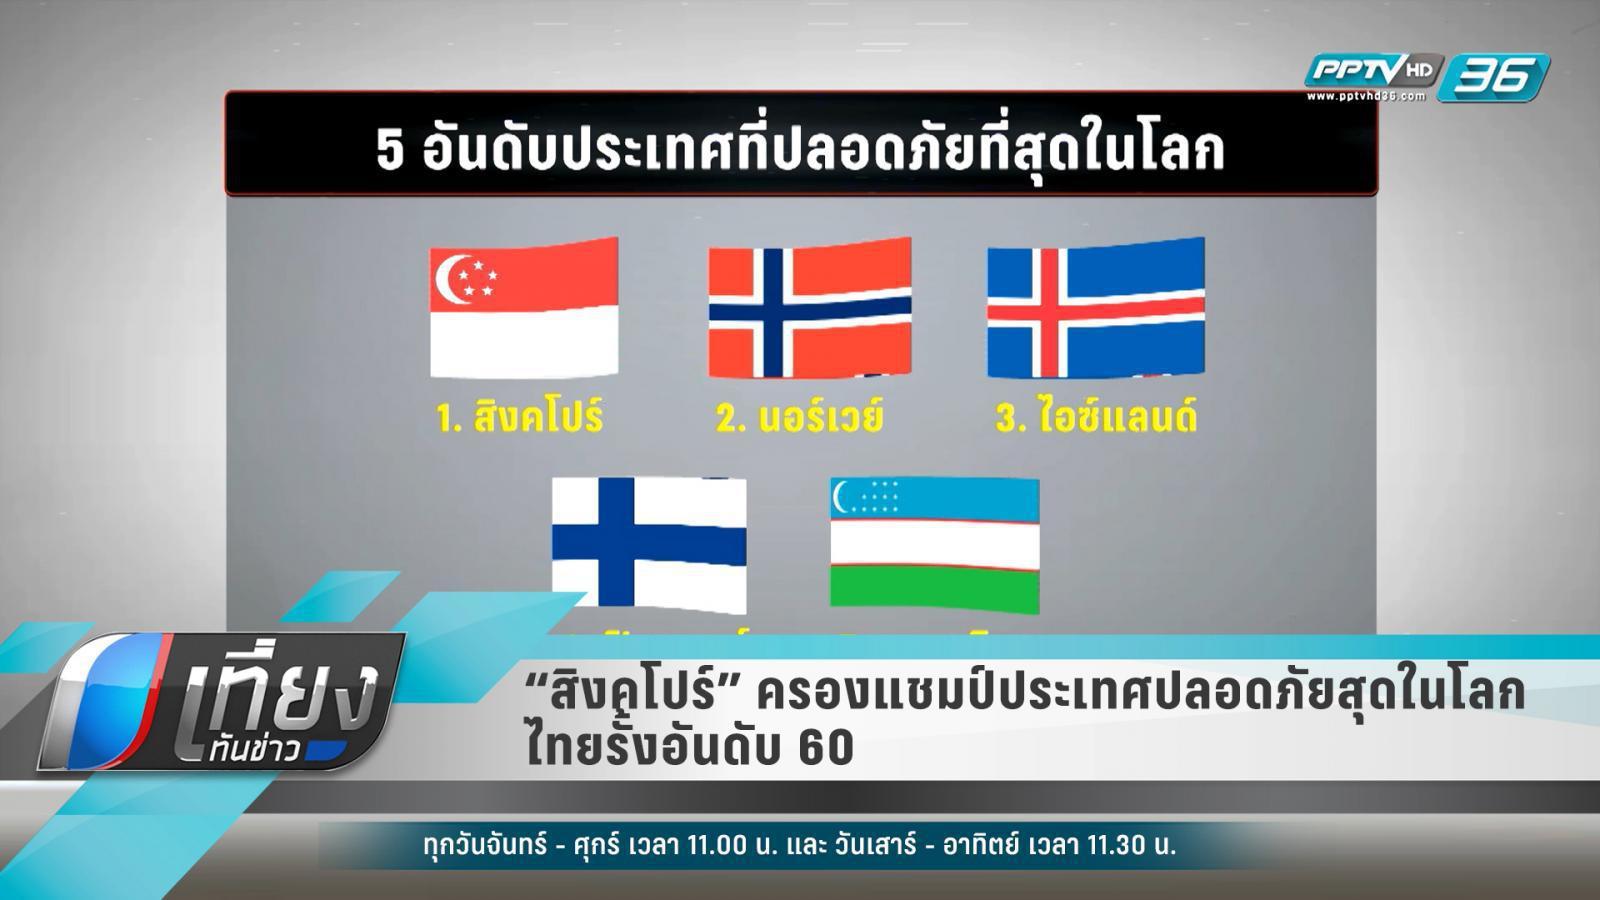 """""""สิงคโปร์"""" ครองแชมป์ประเทศปลอดภัยสุดในโลก – ไทยรั้งอันดับ 60"""